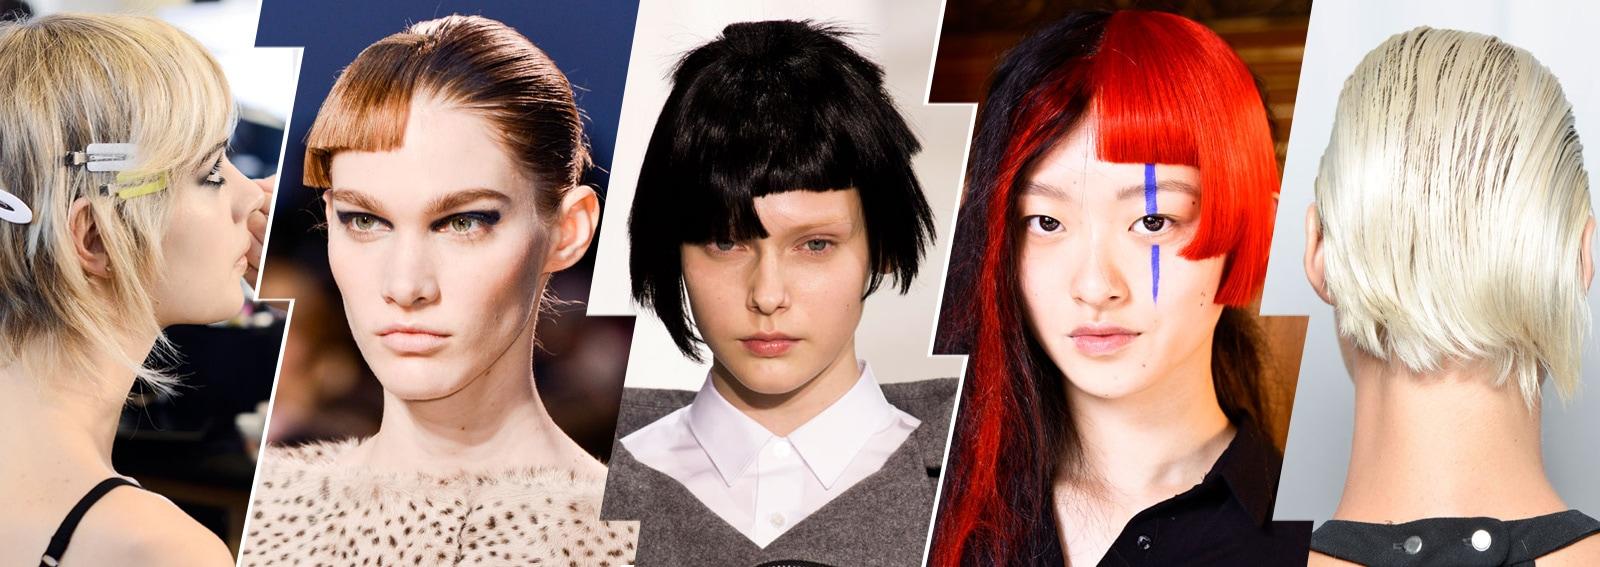 capelli tagli asimmetrici le idee più originali